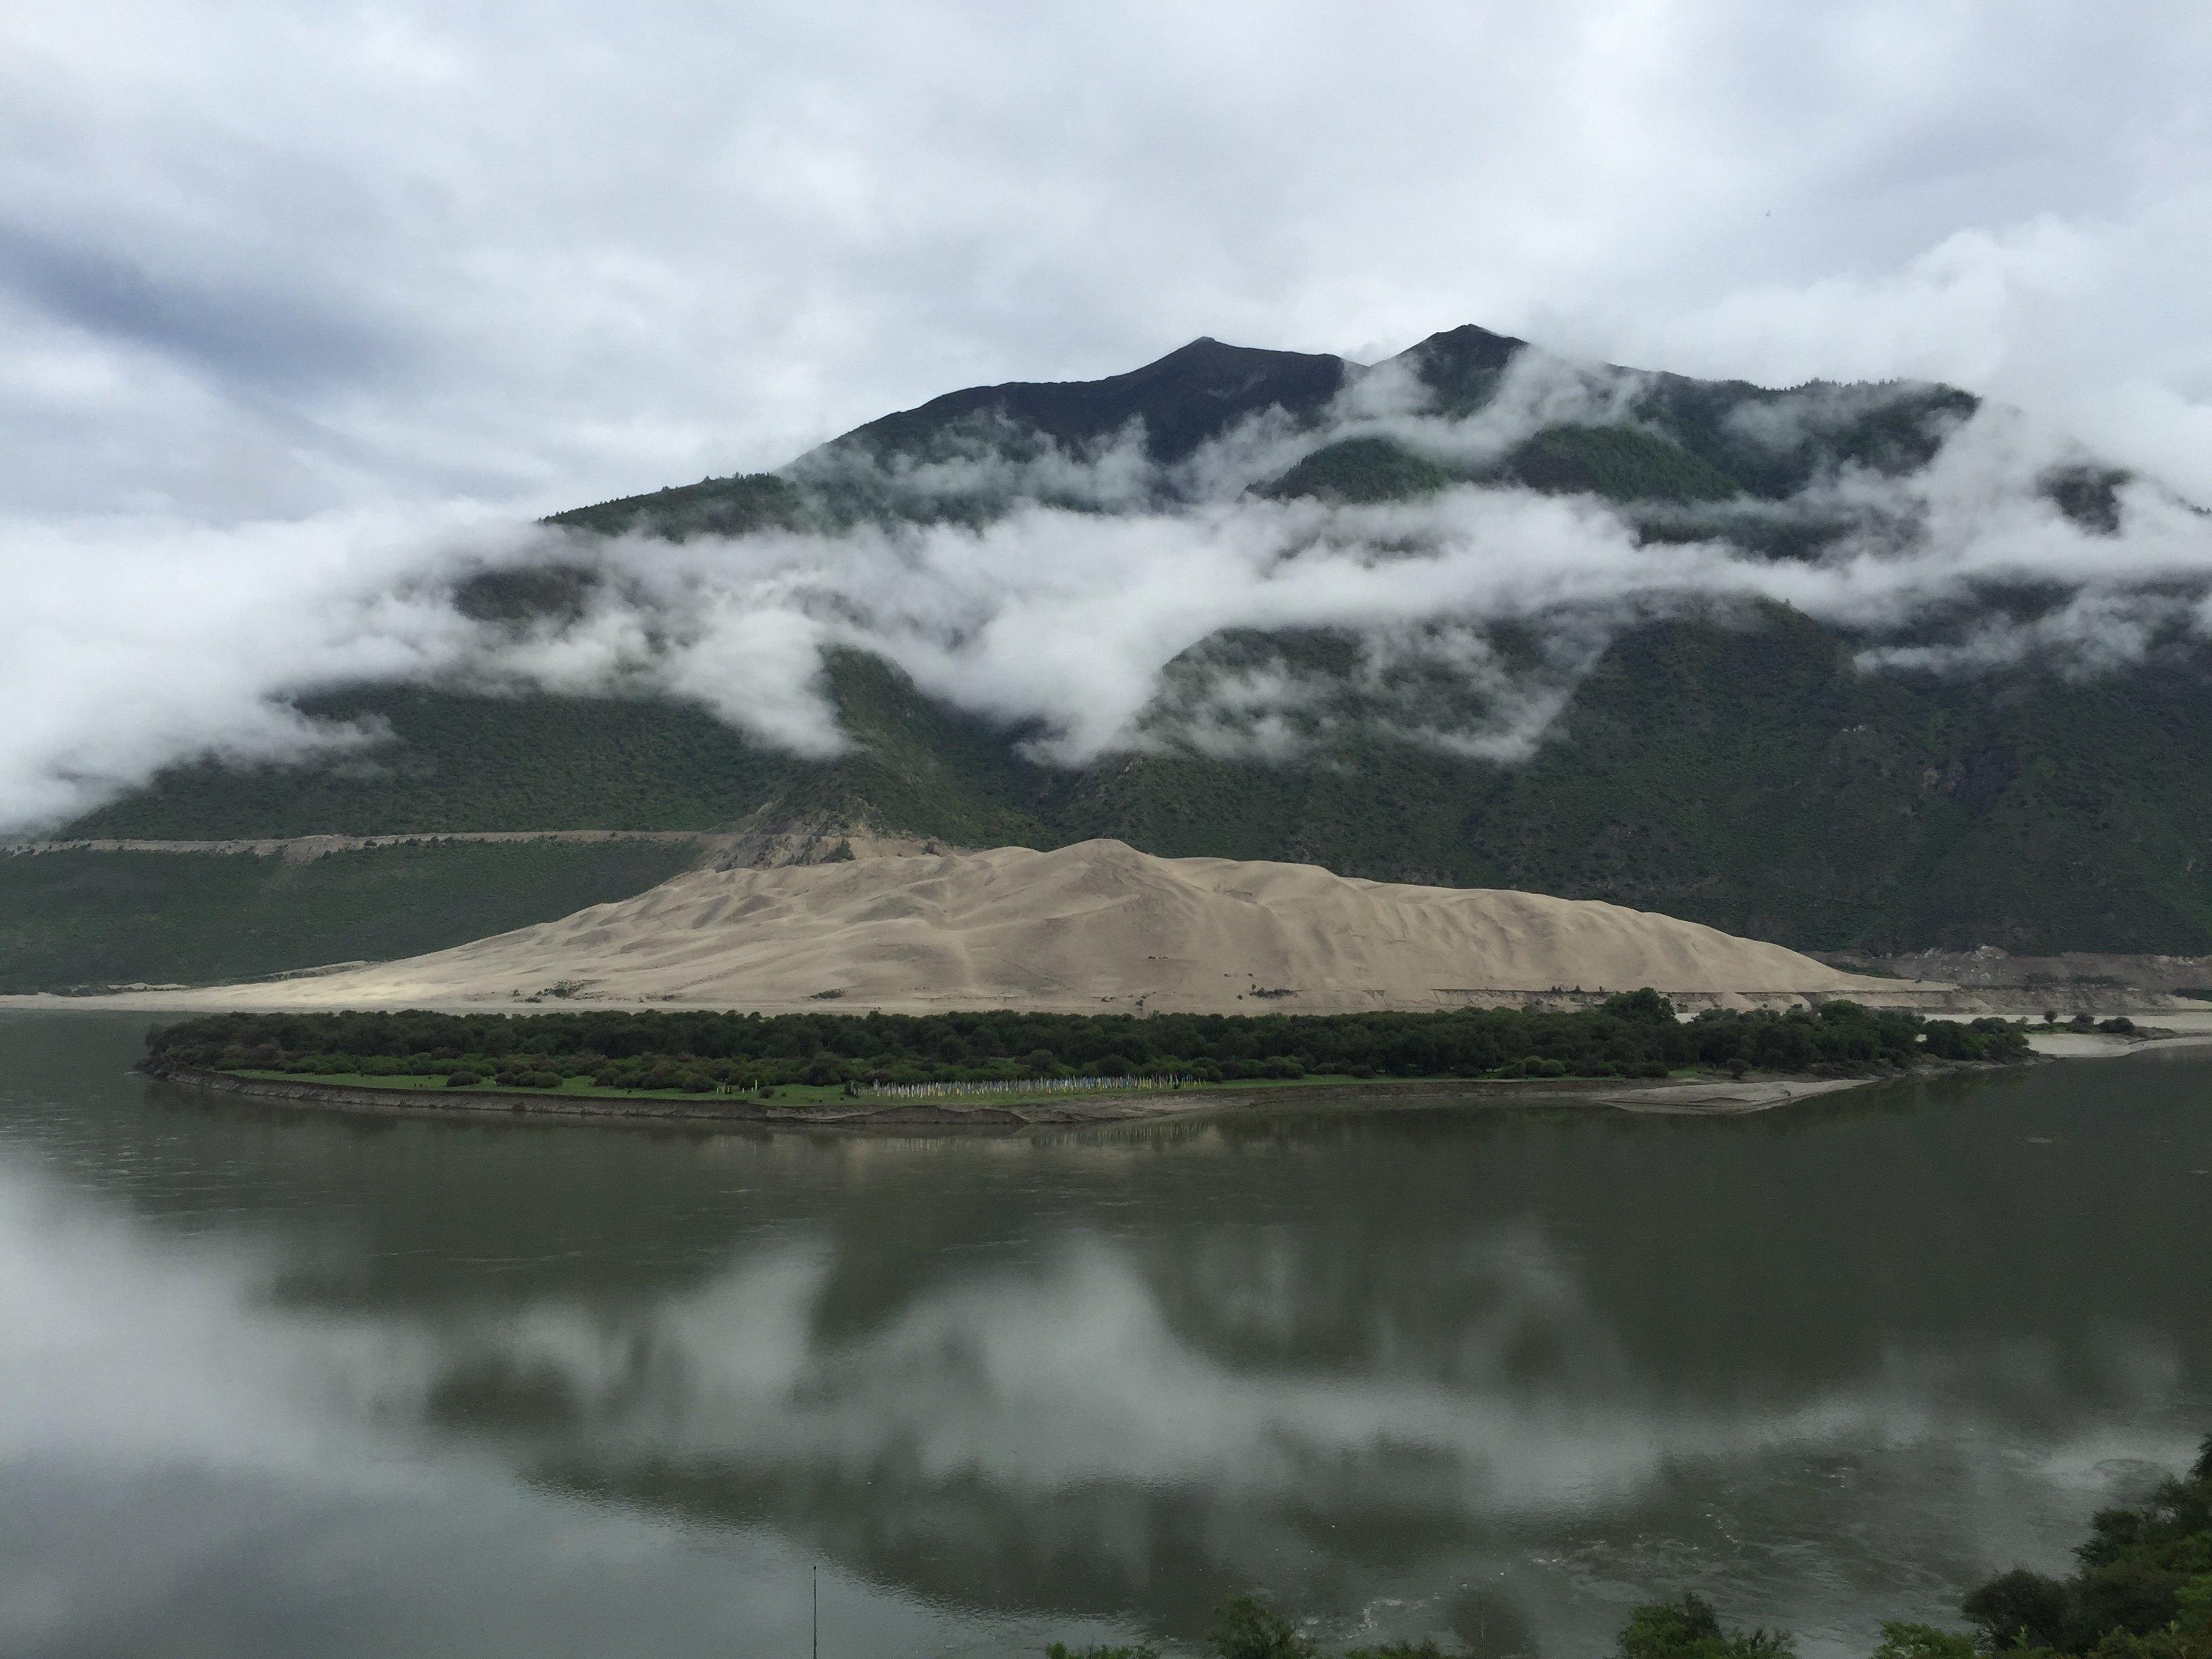 超高清壁纸西藏